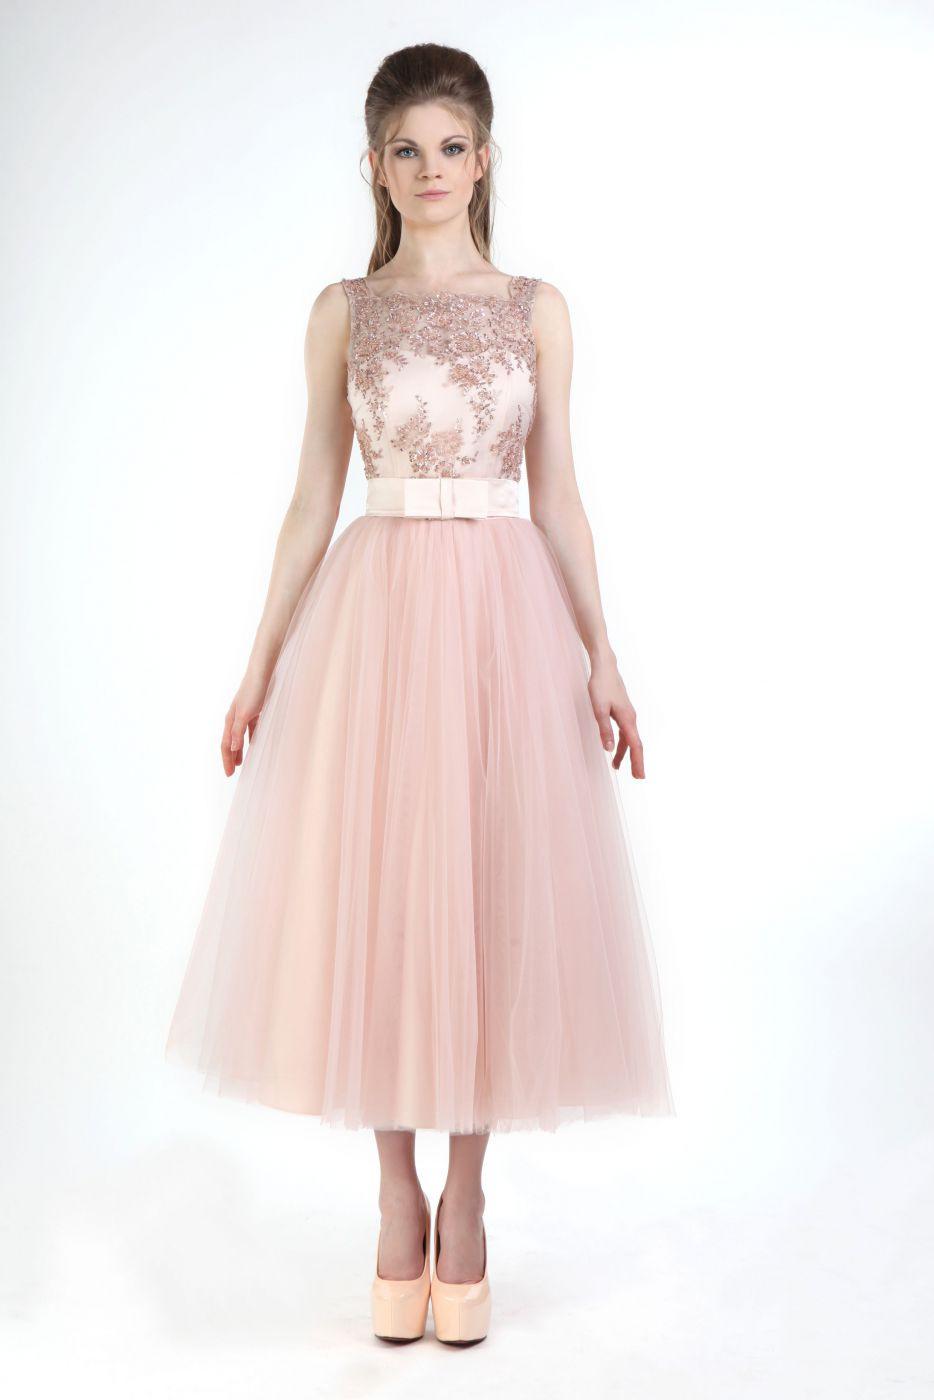 Abend Perfekt Kleid Rosa Festlich SpezialgebietFormal Coolste Kleid Rosa Festlich Design